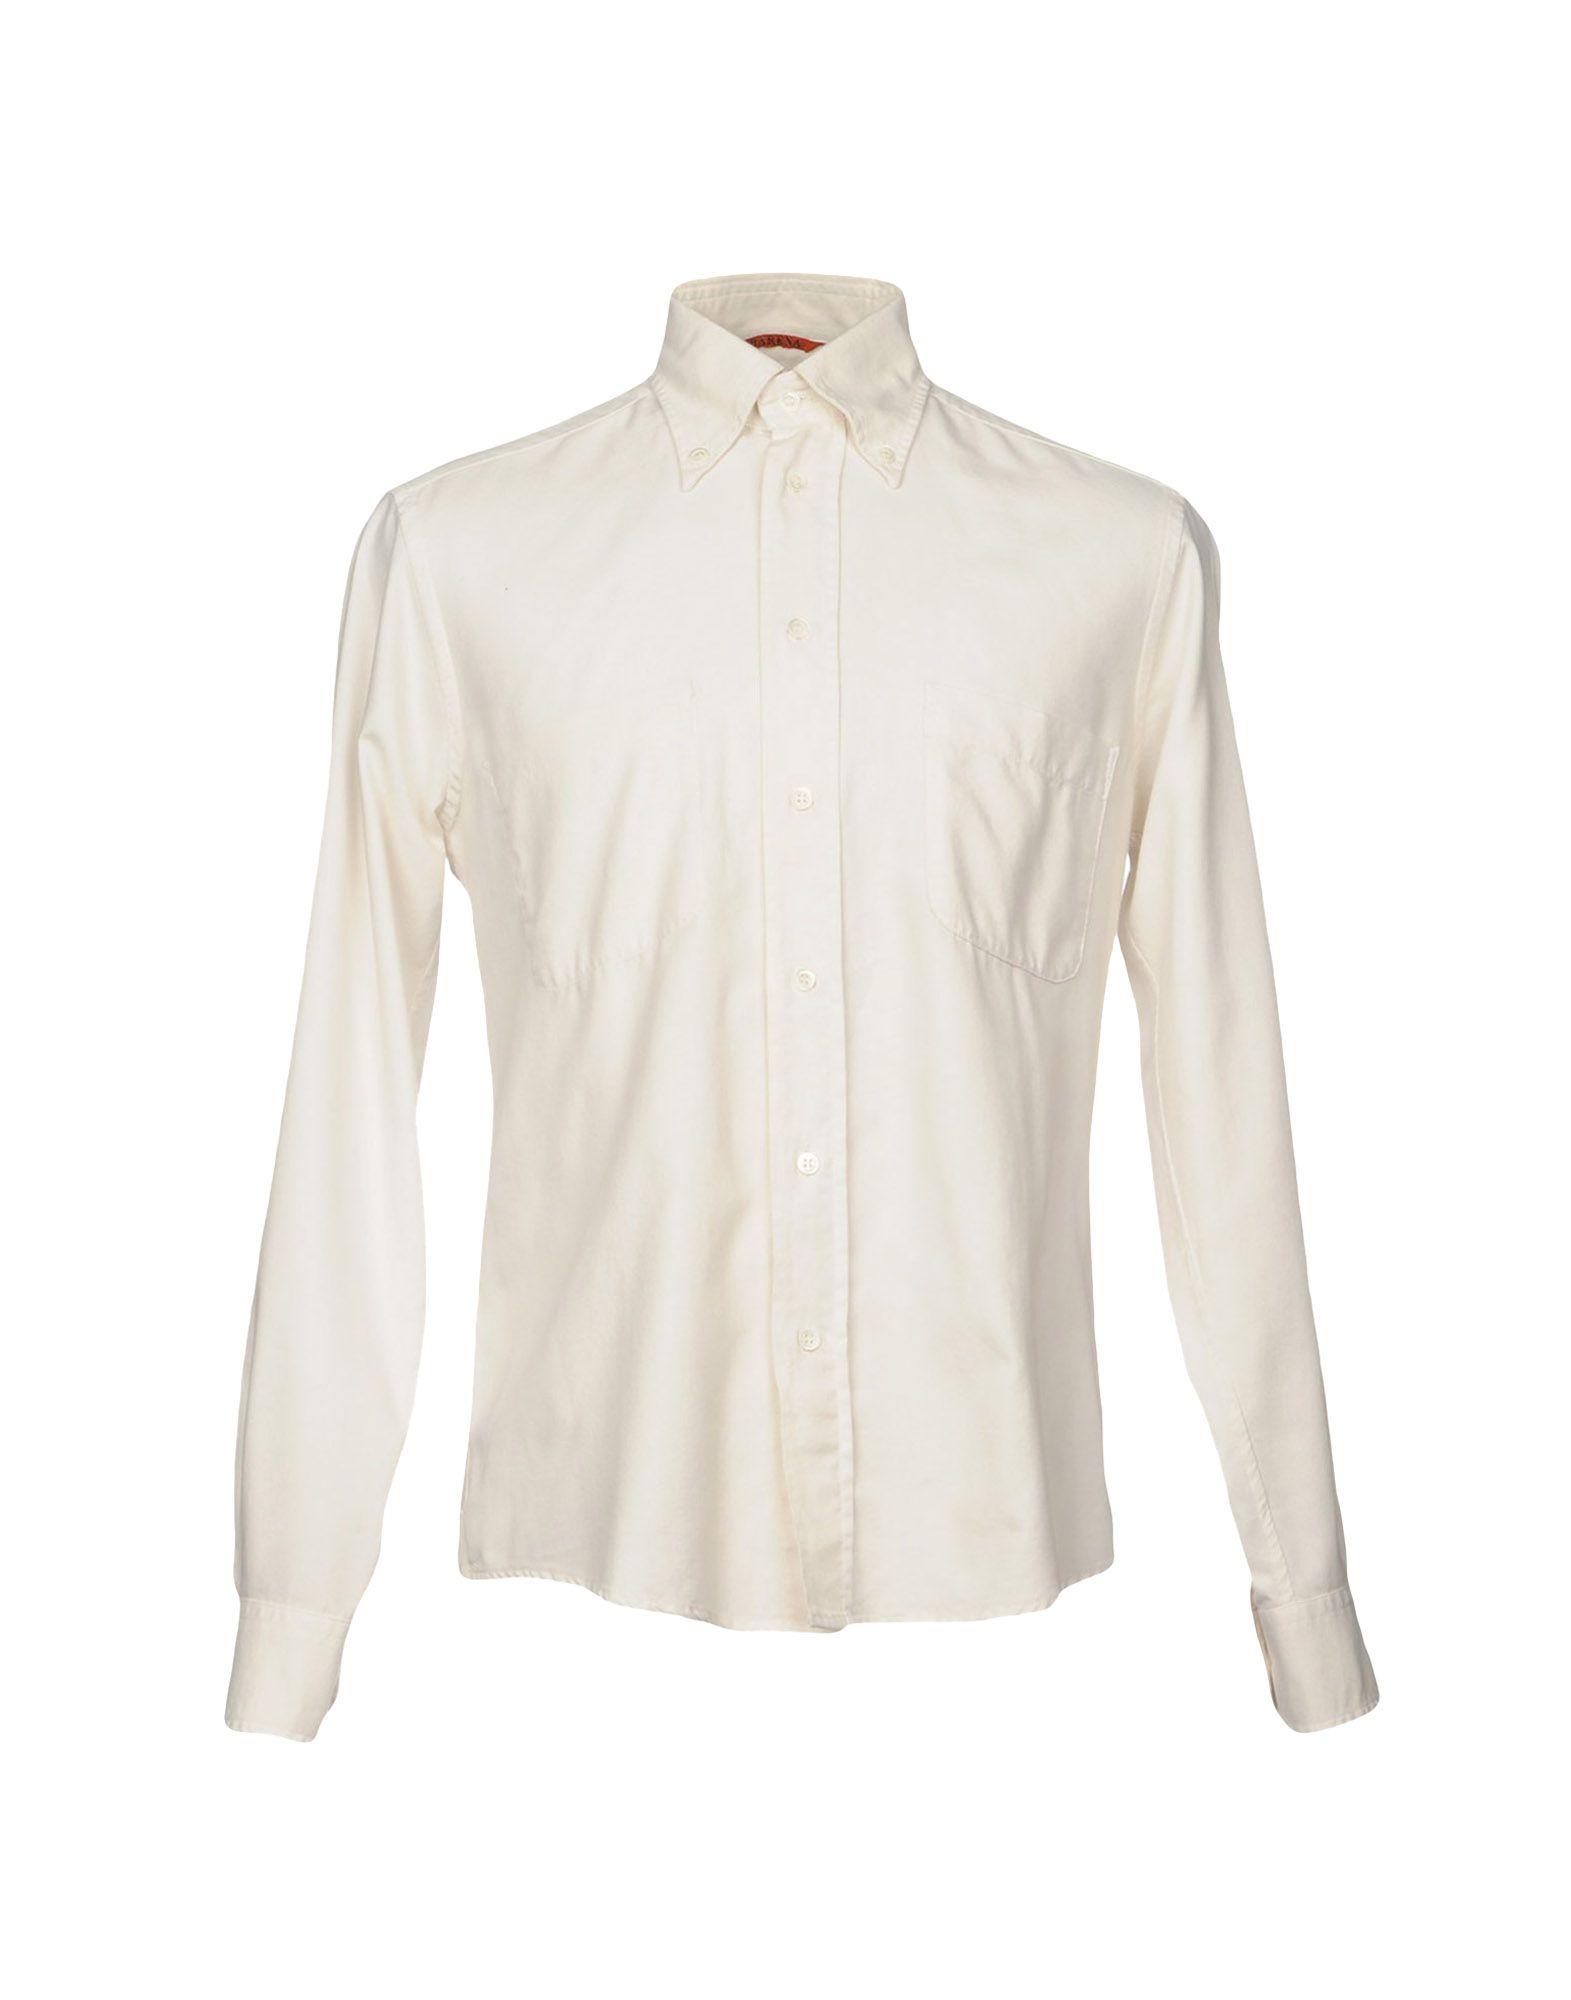 BARENA Herren Hemd Farbe Elfenbein Größe 5